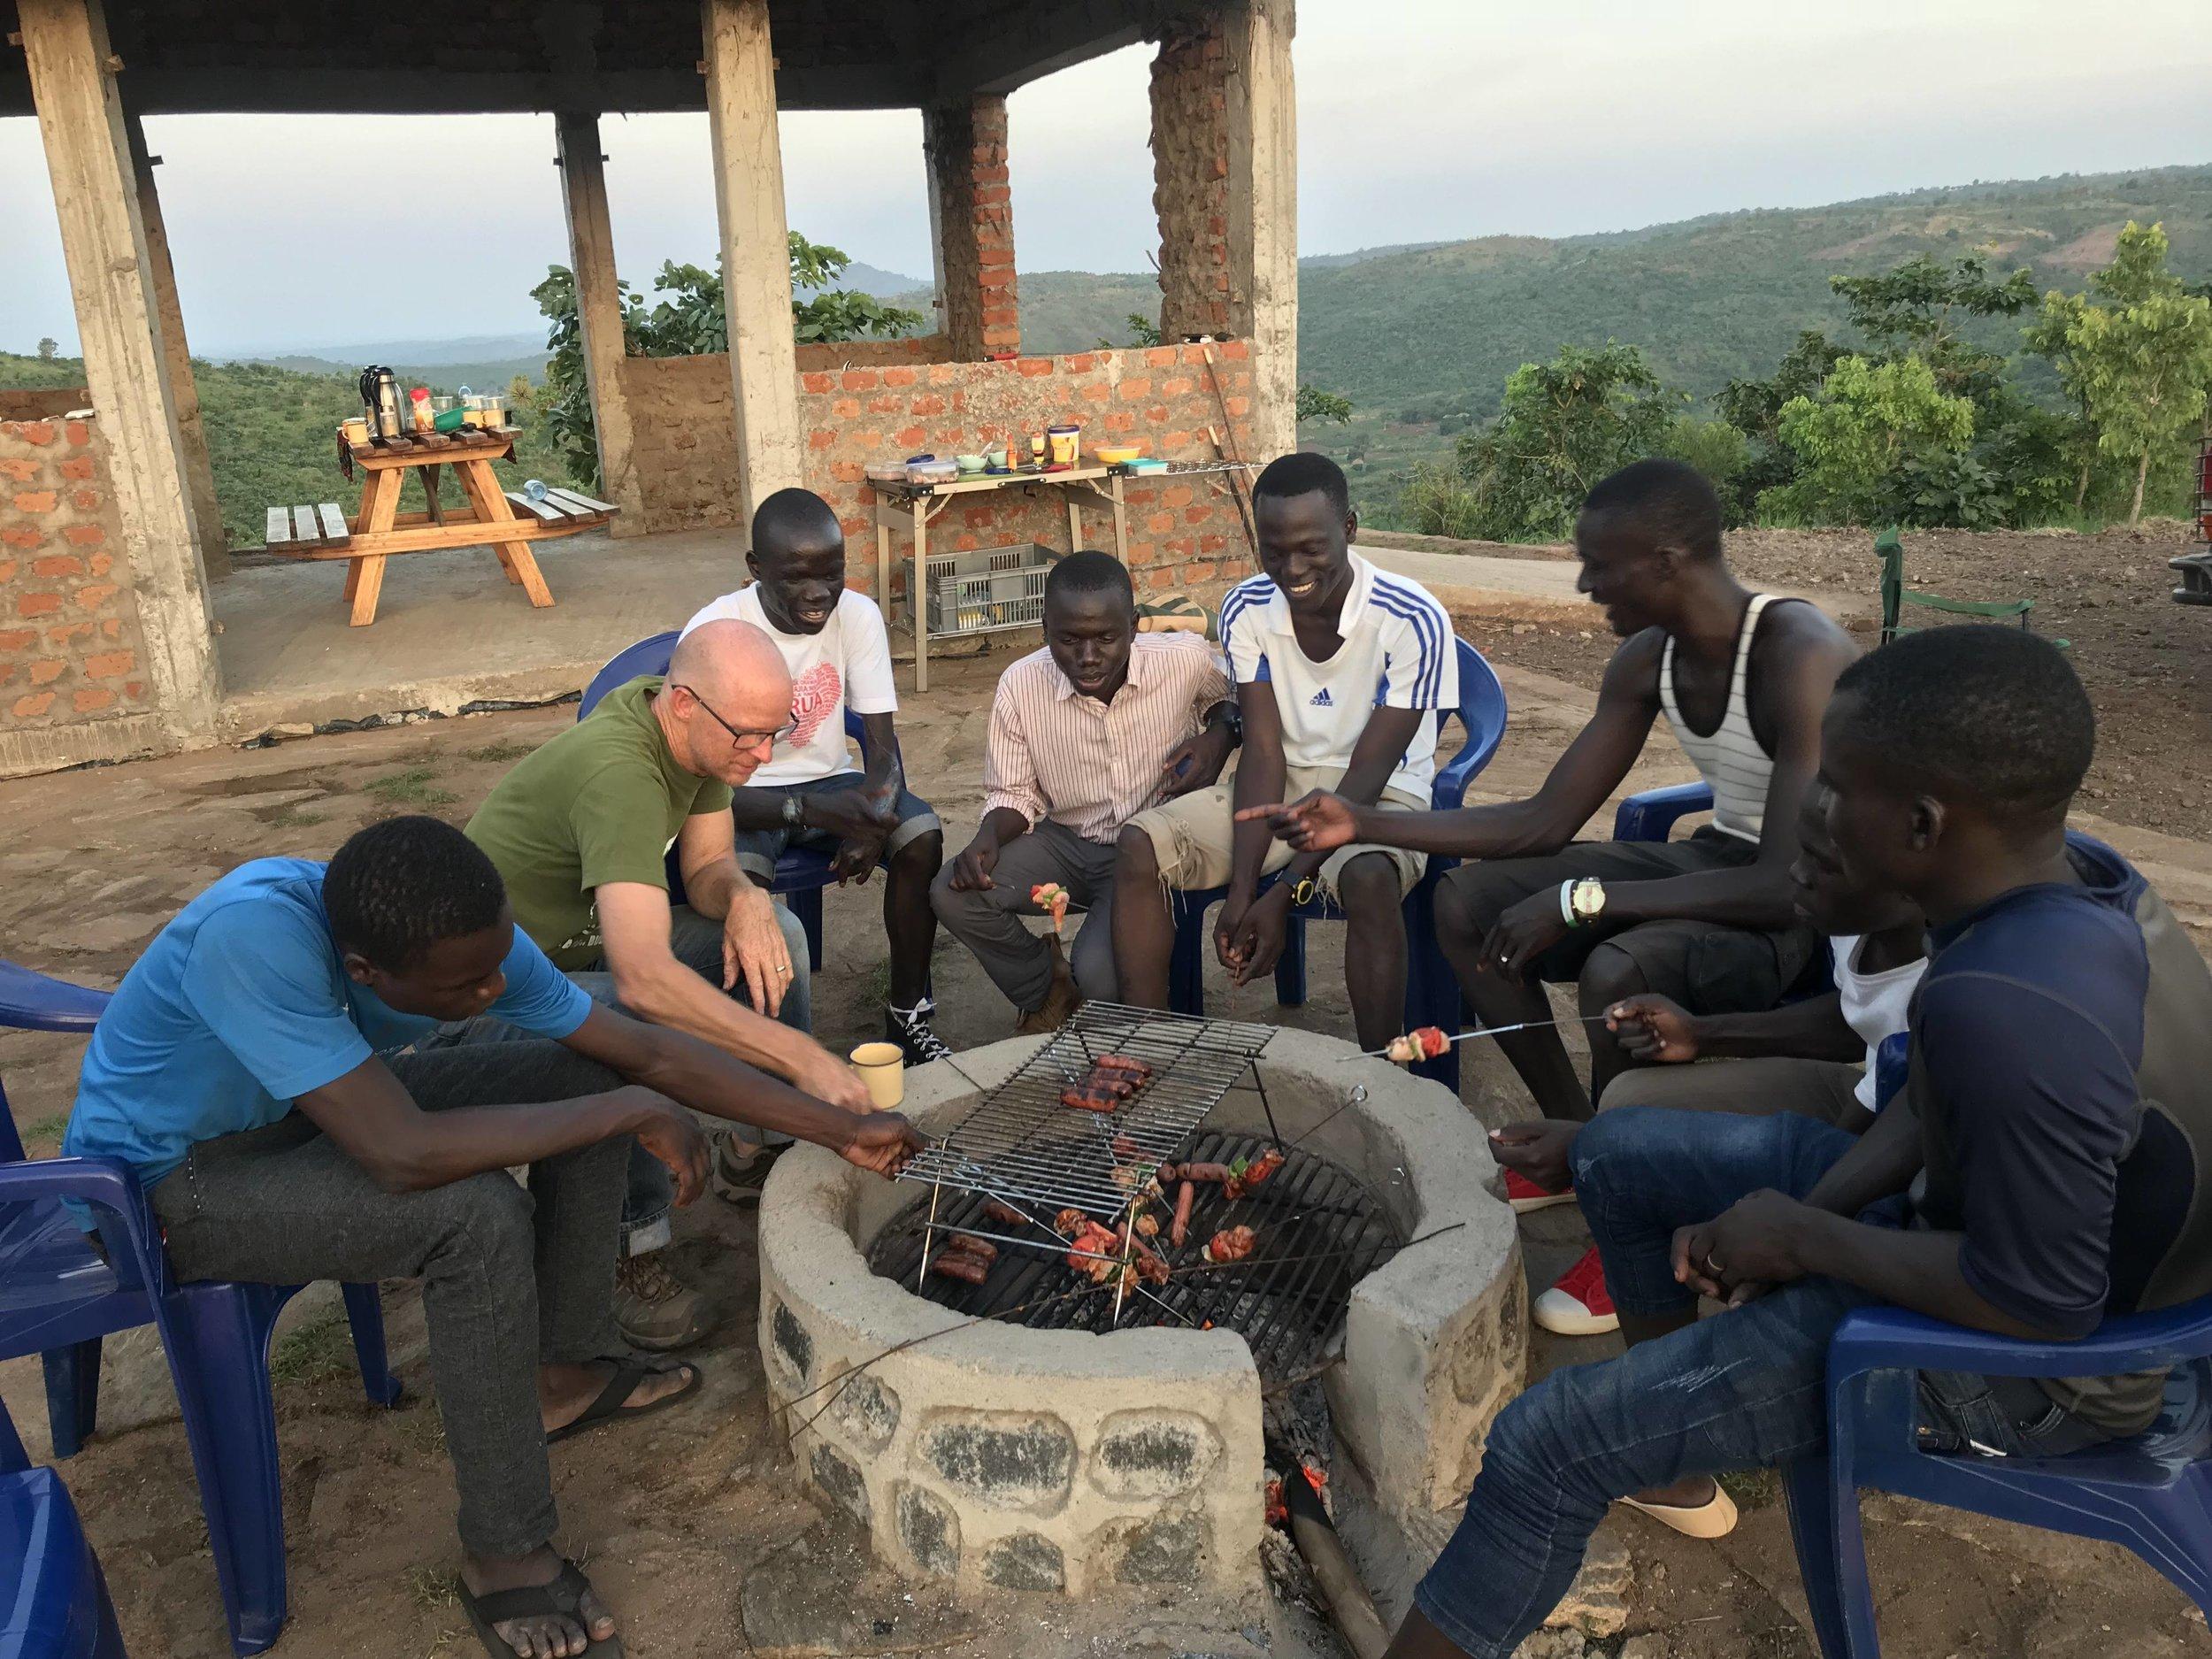 arise-discipleship-retreat-center-aura-uganda-hisvoice